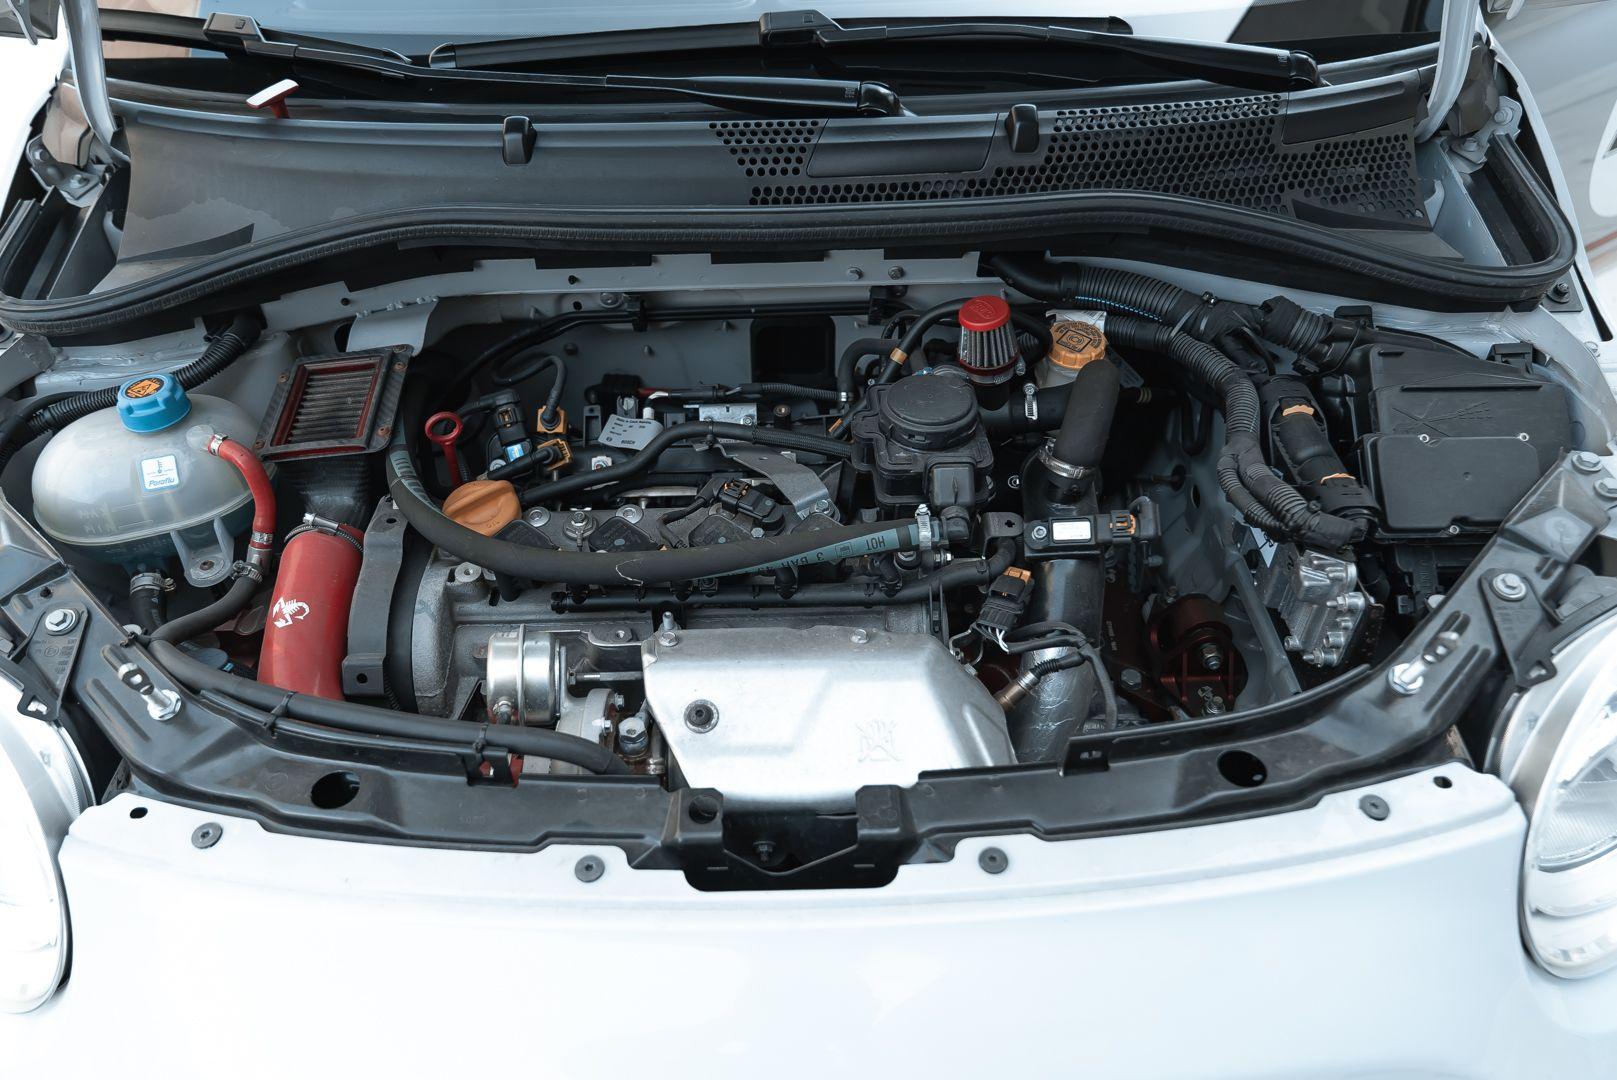 2008 Fiat 500 Abarth Assetto Corse 49/49 79352